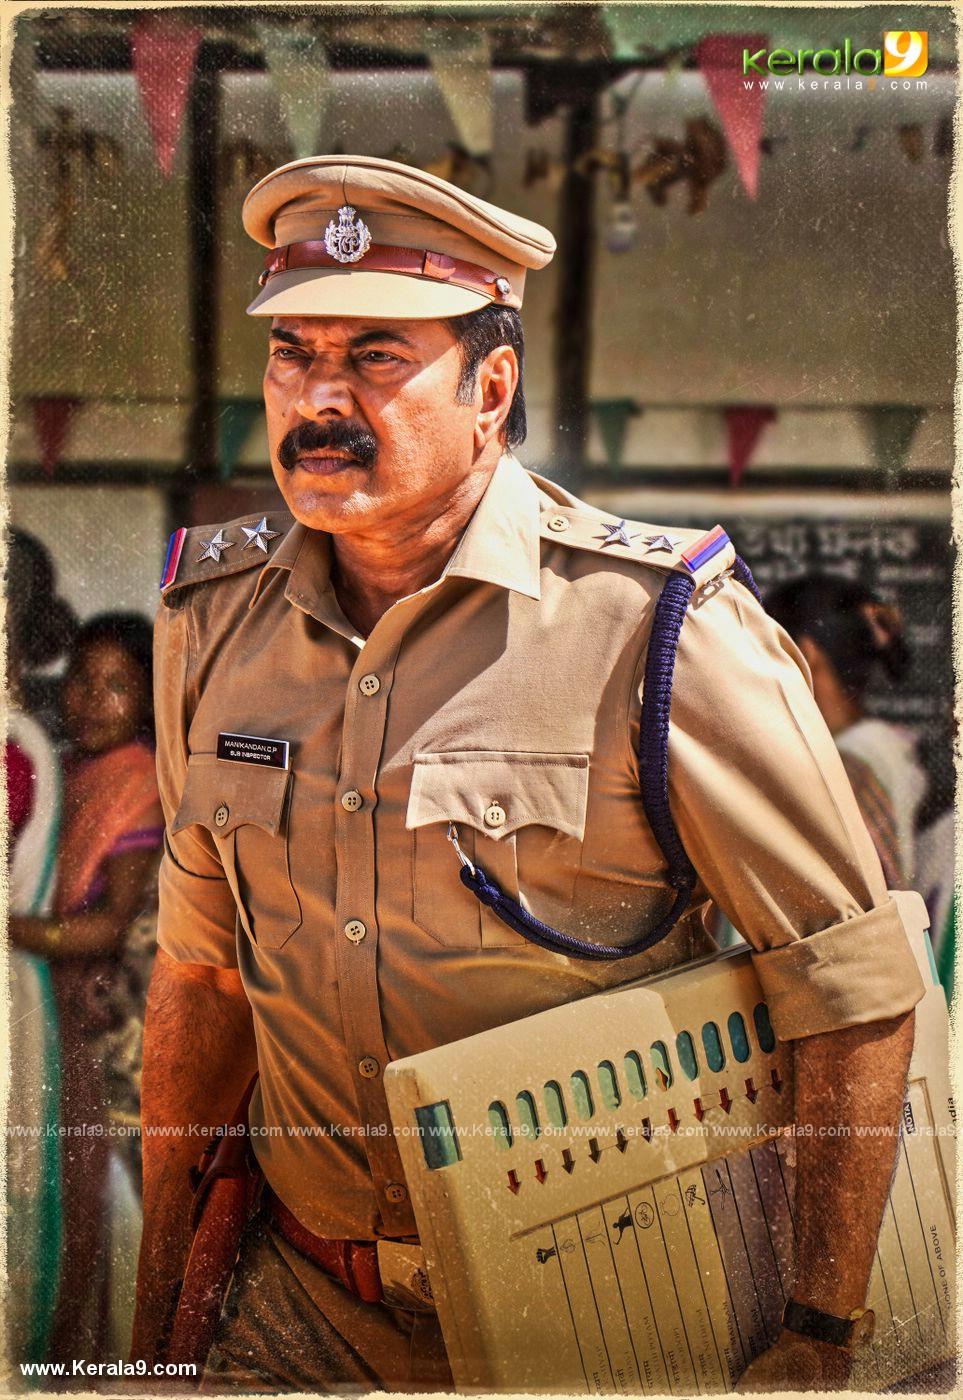 unda malayalam movie stills 022 - Kerala9.com